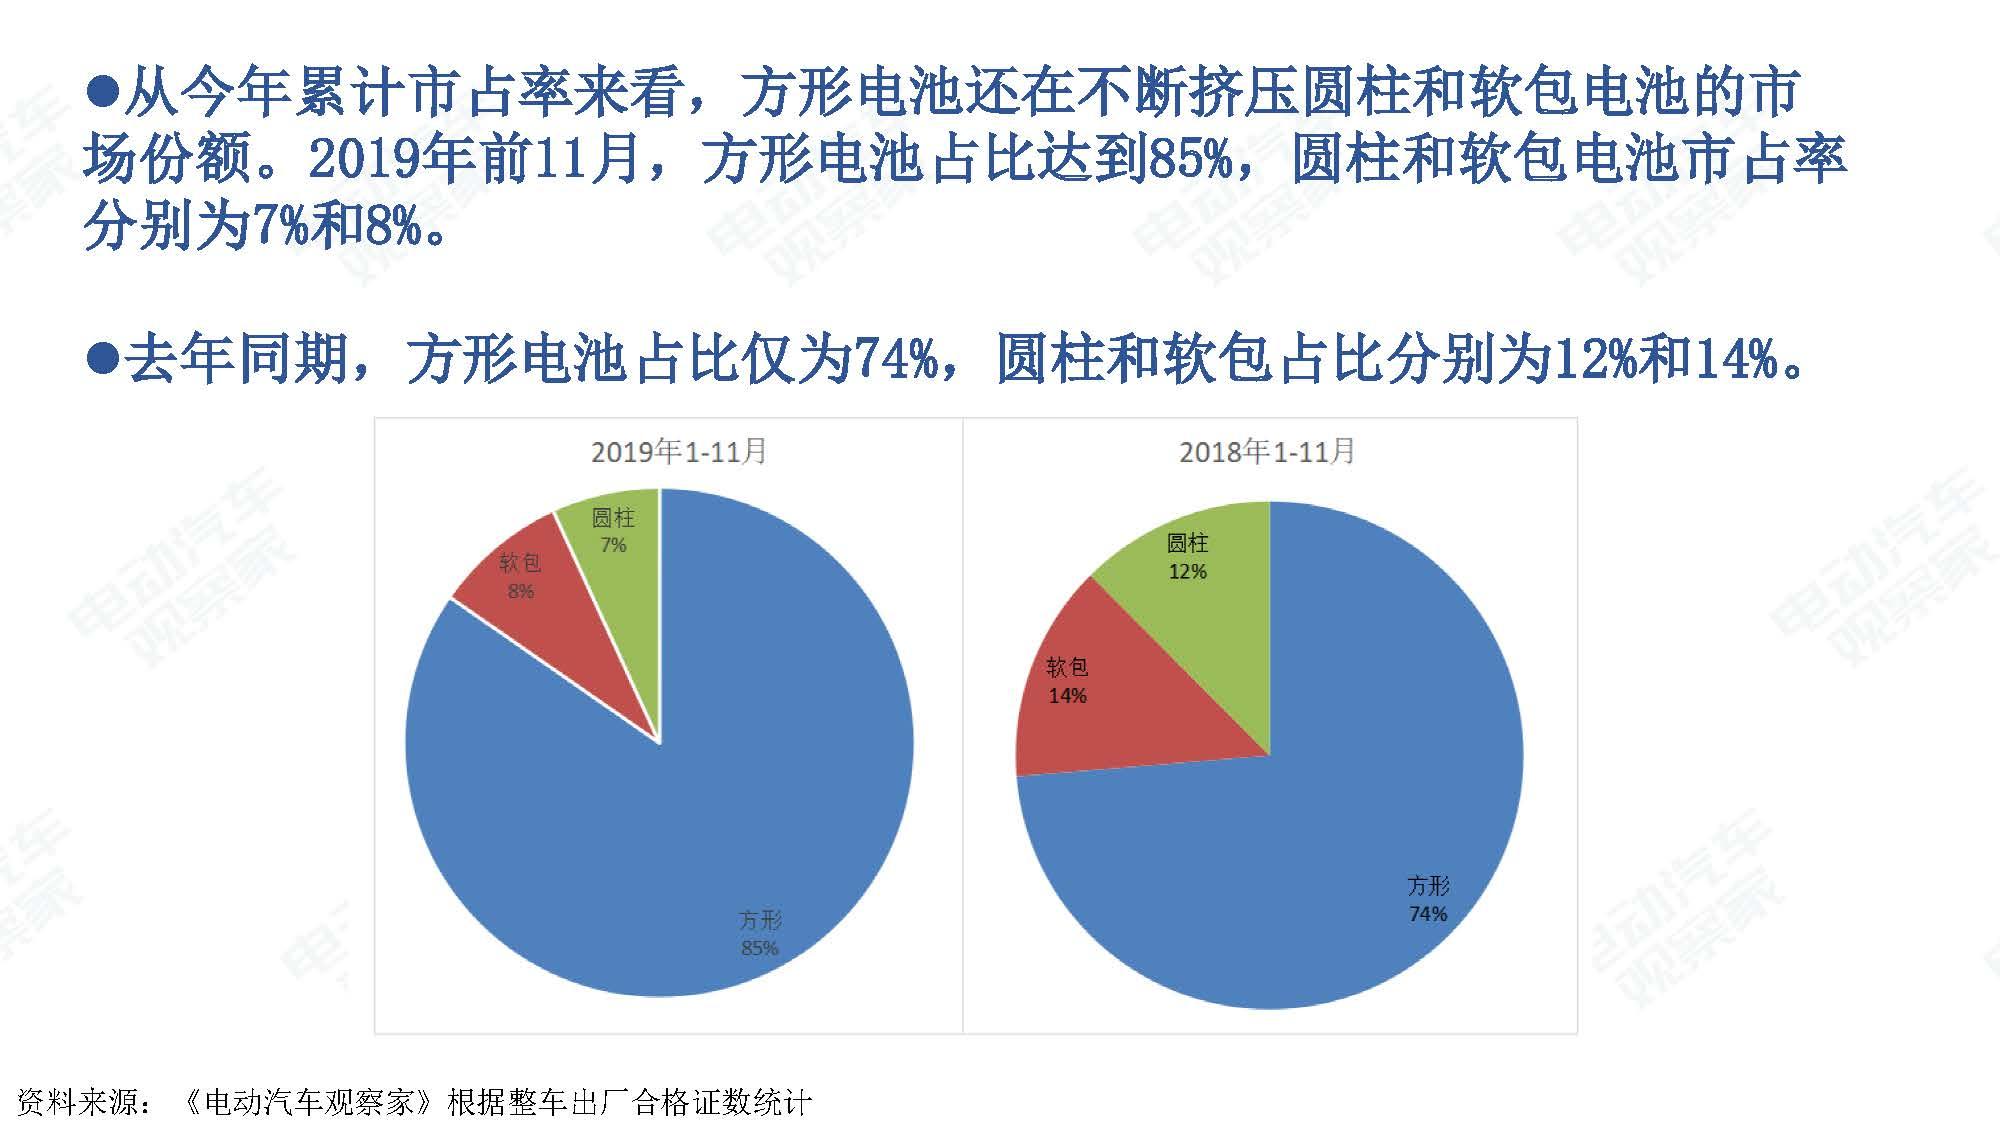 2019年11月中国新能源汽车产业观察_页面_094